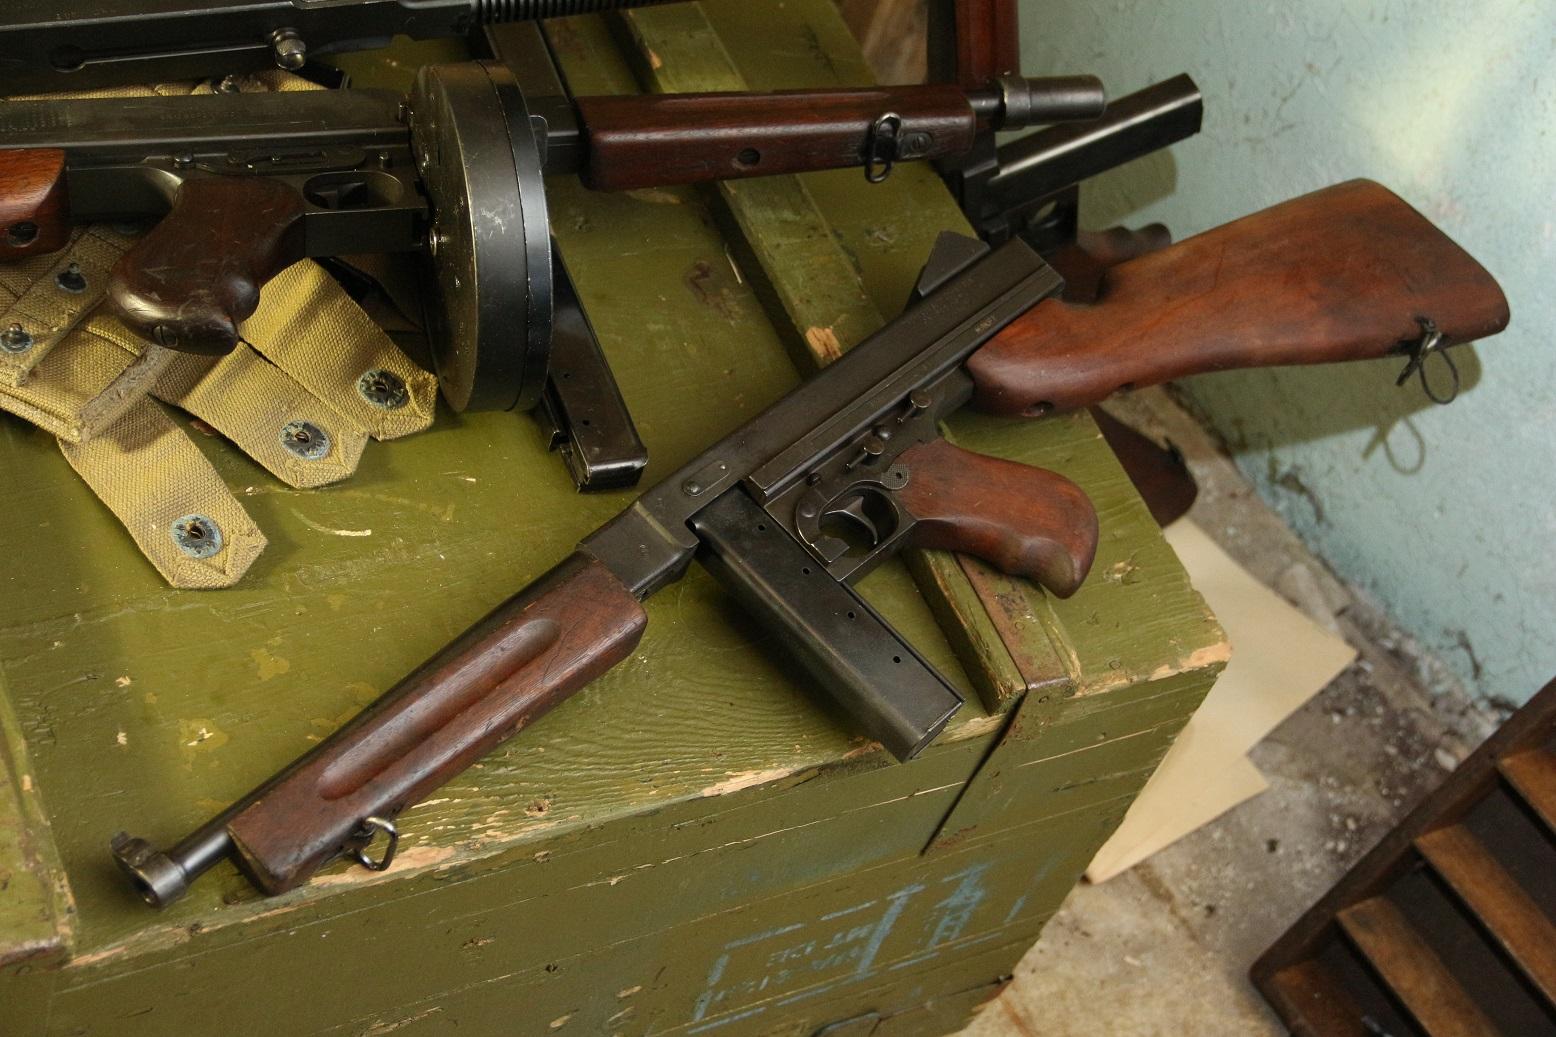 Пистолет-пулемет Томпсон М1 #156427